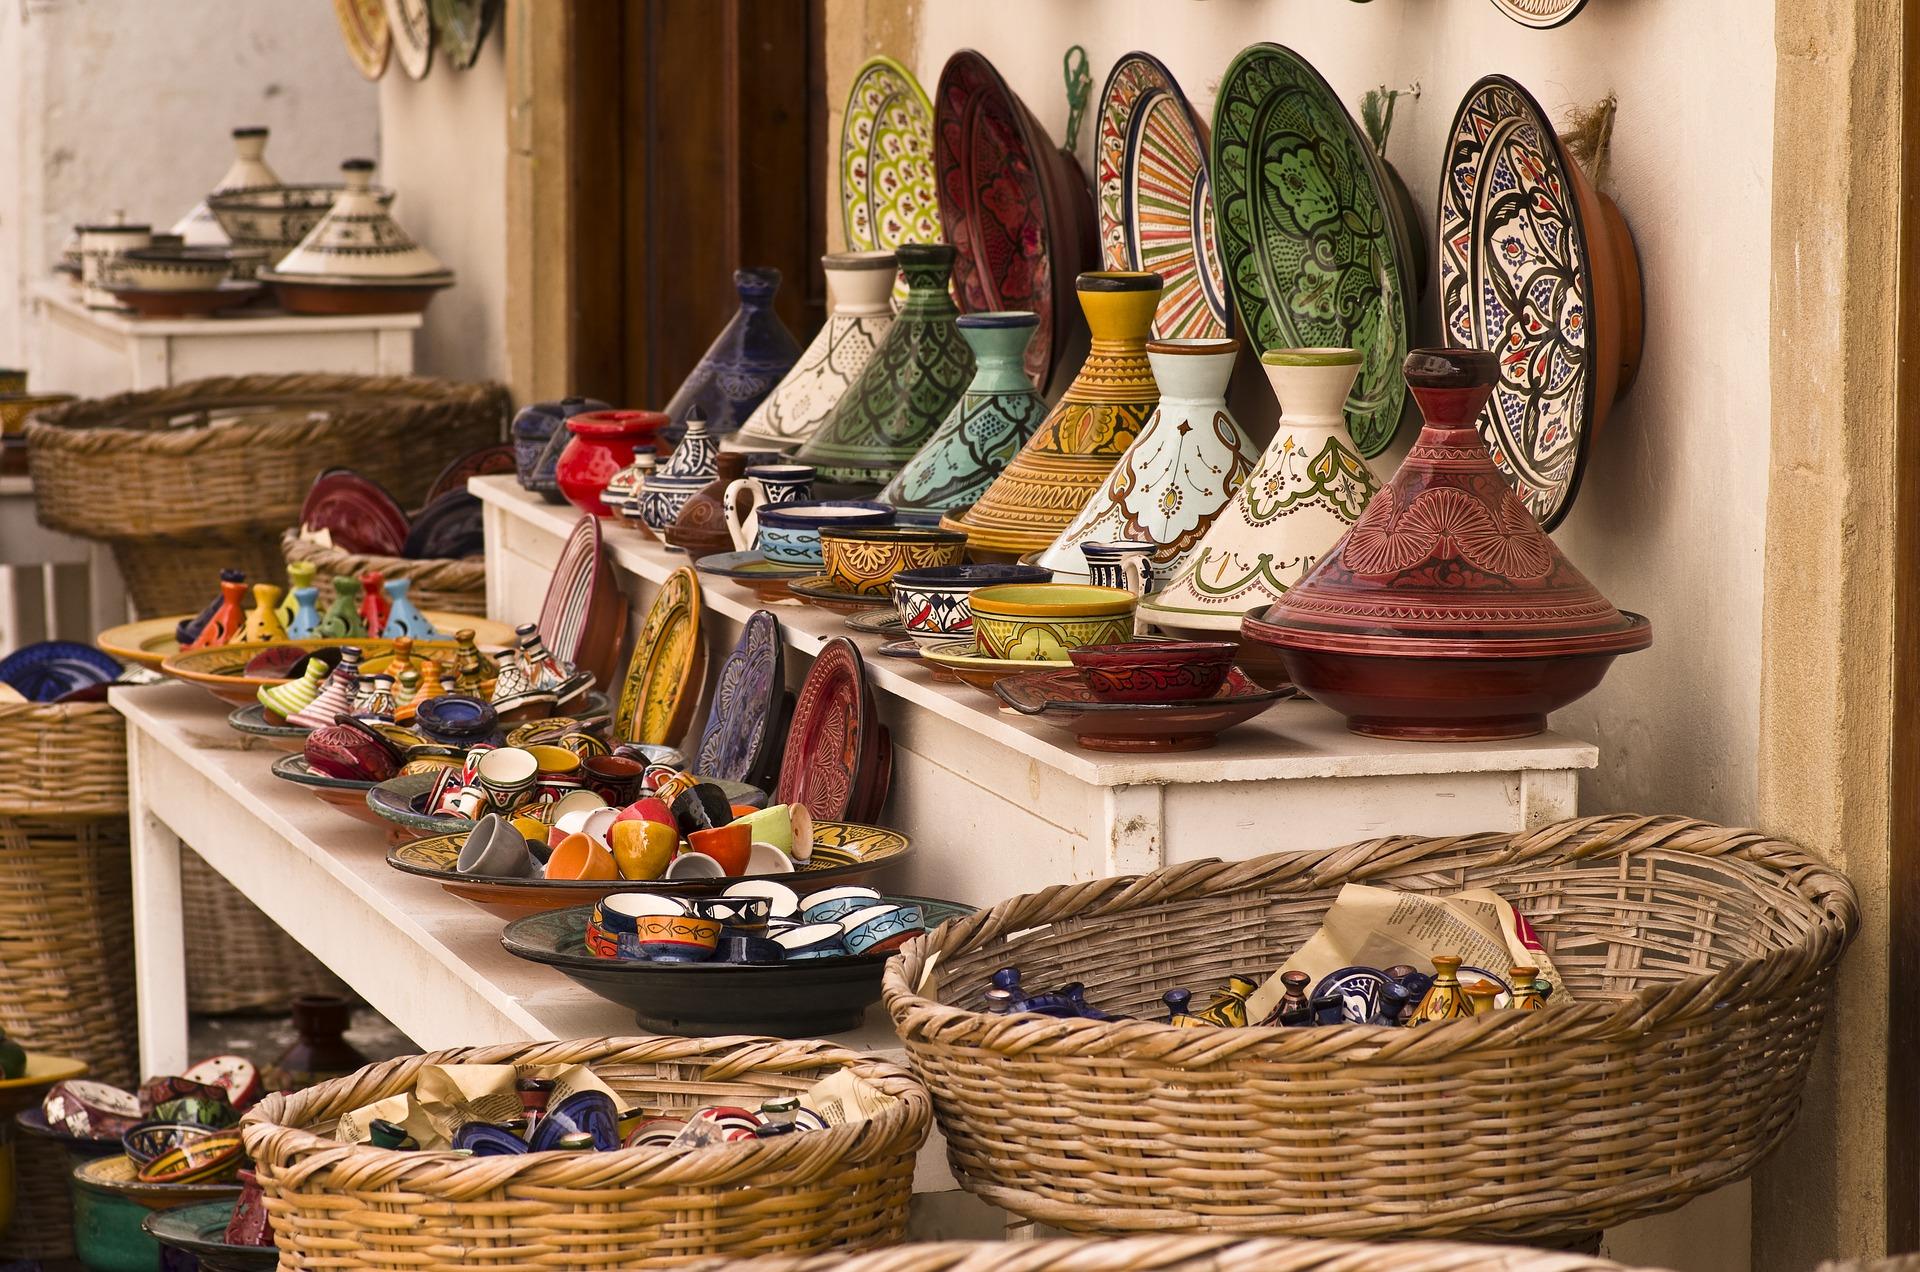 Maroc_tajine_CC0.jpg?1545474776